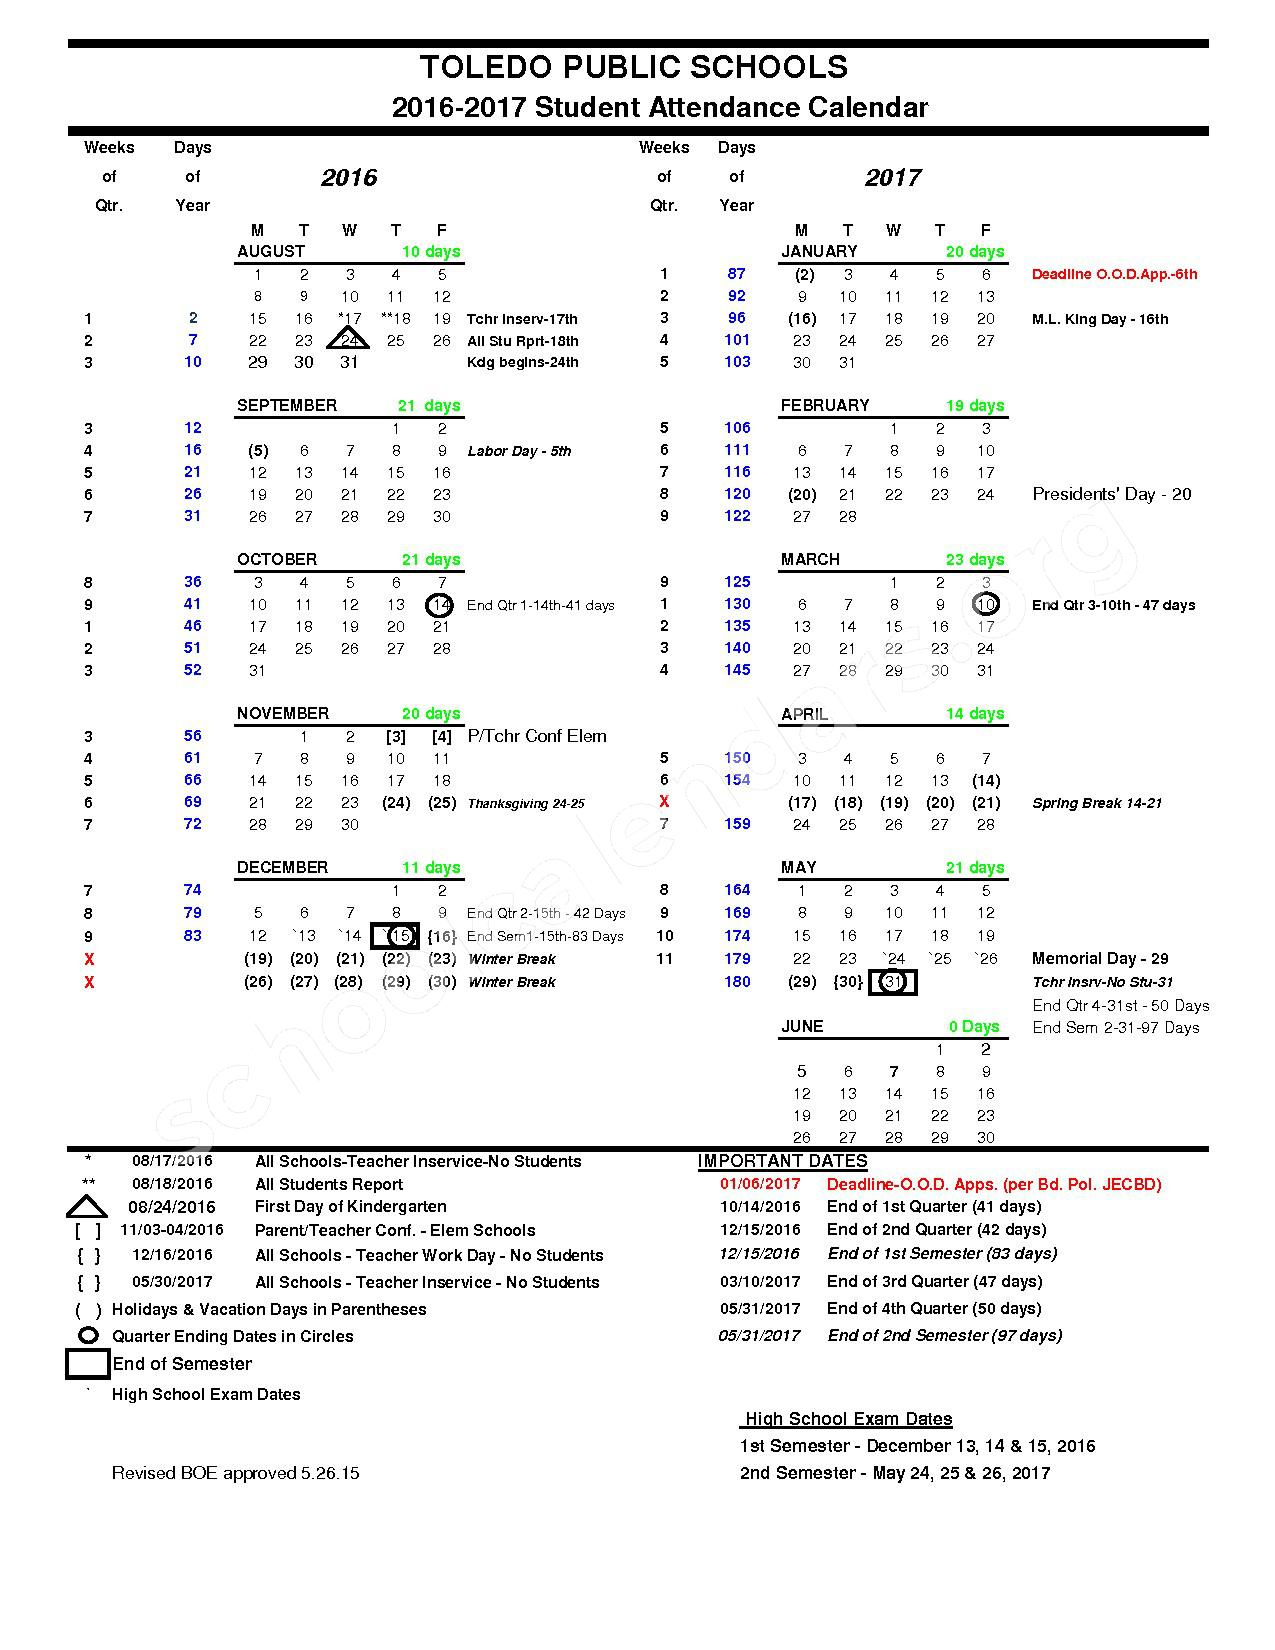 2016 - 2017 School Calendar – Toledo Public Schools – page 1